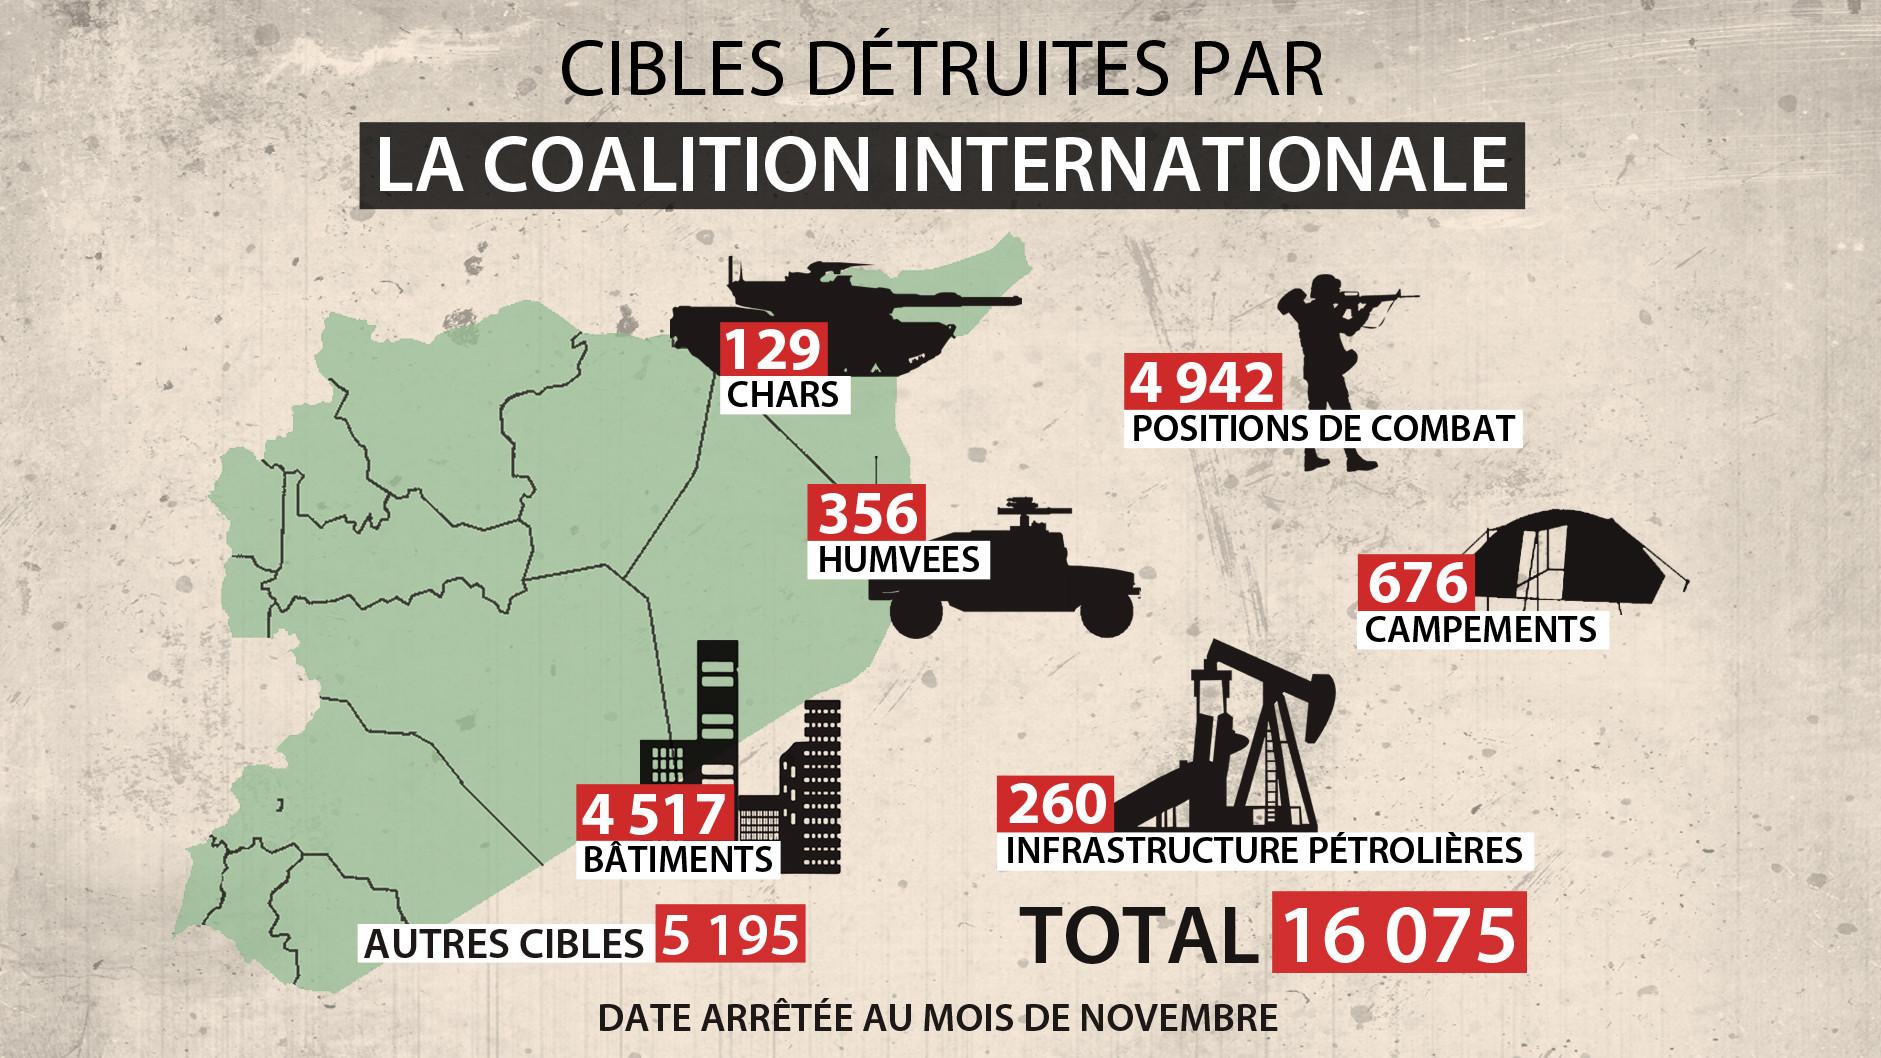 Le récap' : Qui a atteint quoi en Syrie dans sa lutte contre Daesh ?